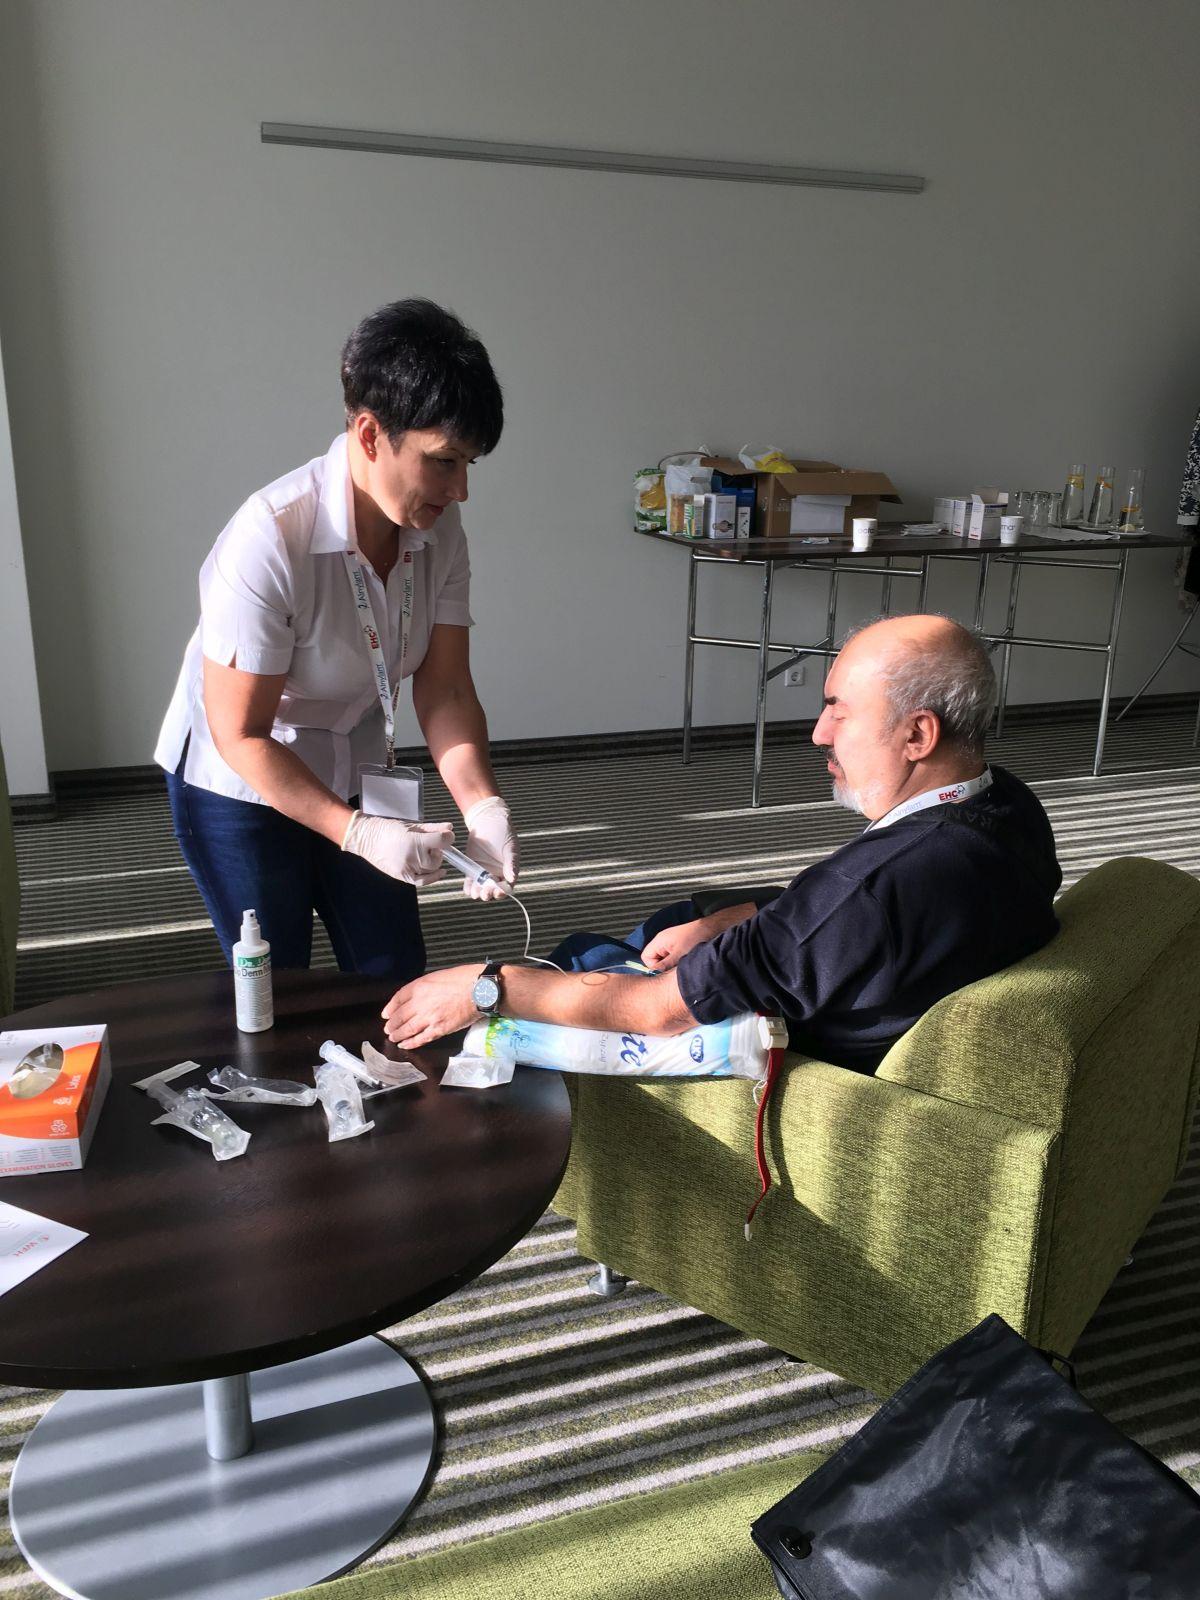 Slaugytojos leido krešėjimo faktorių